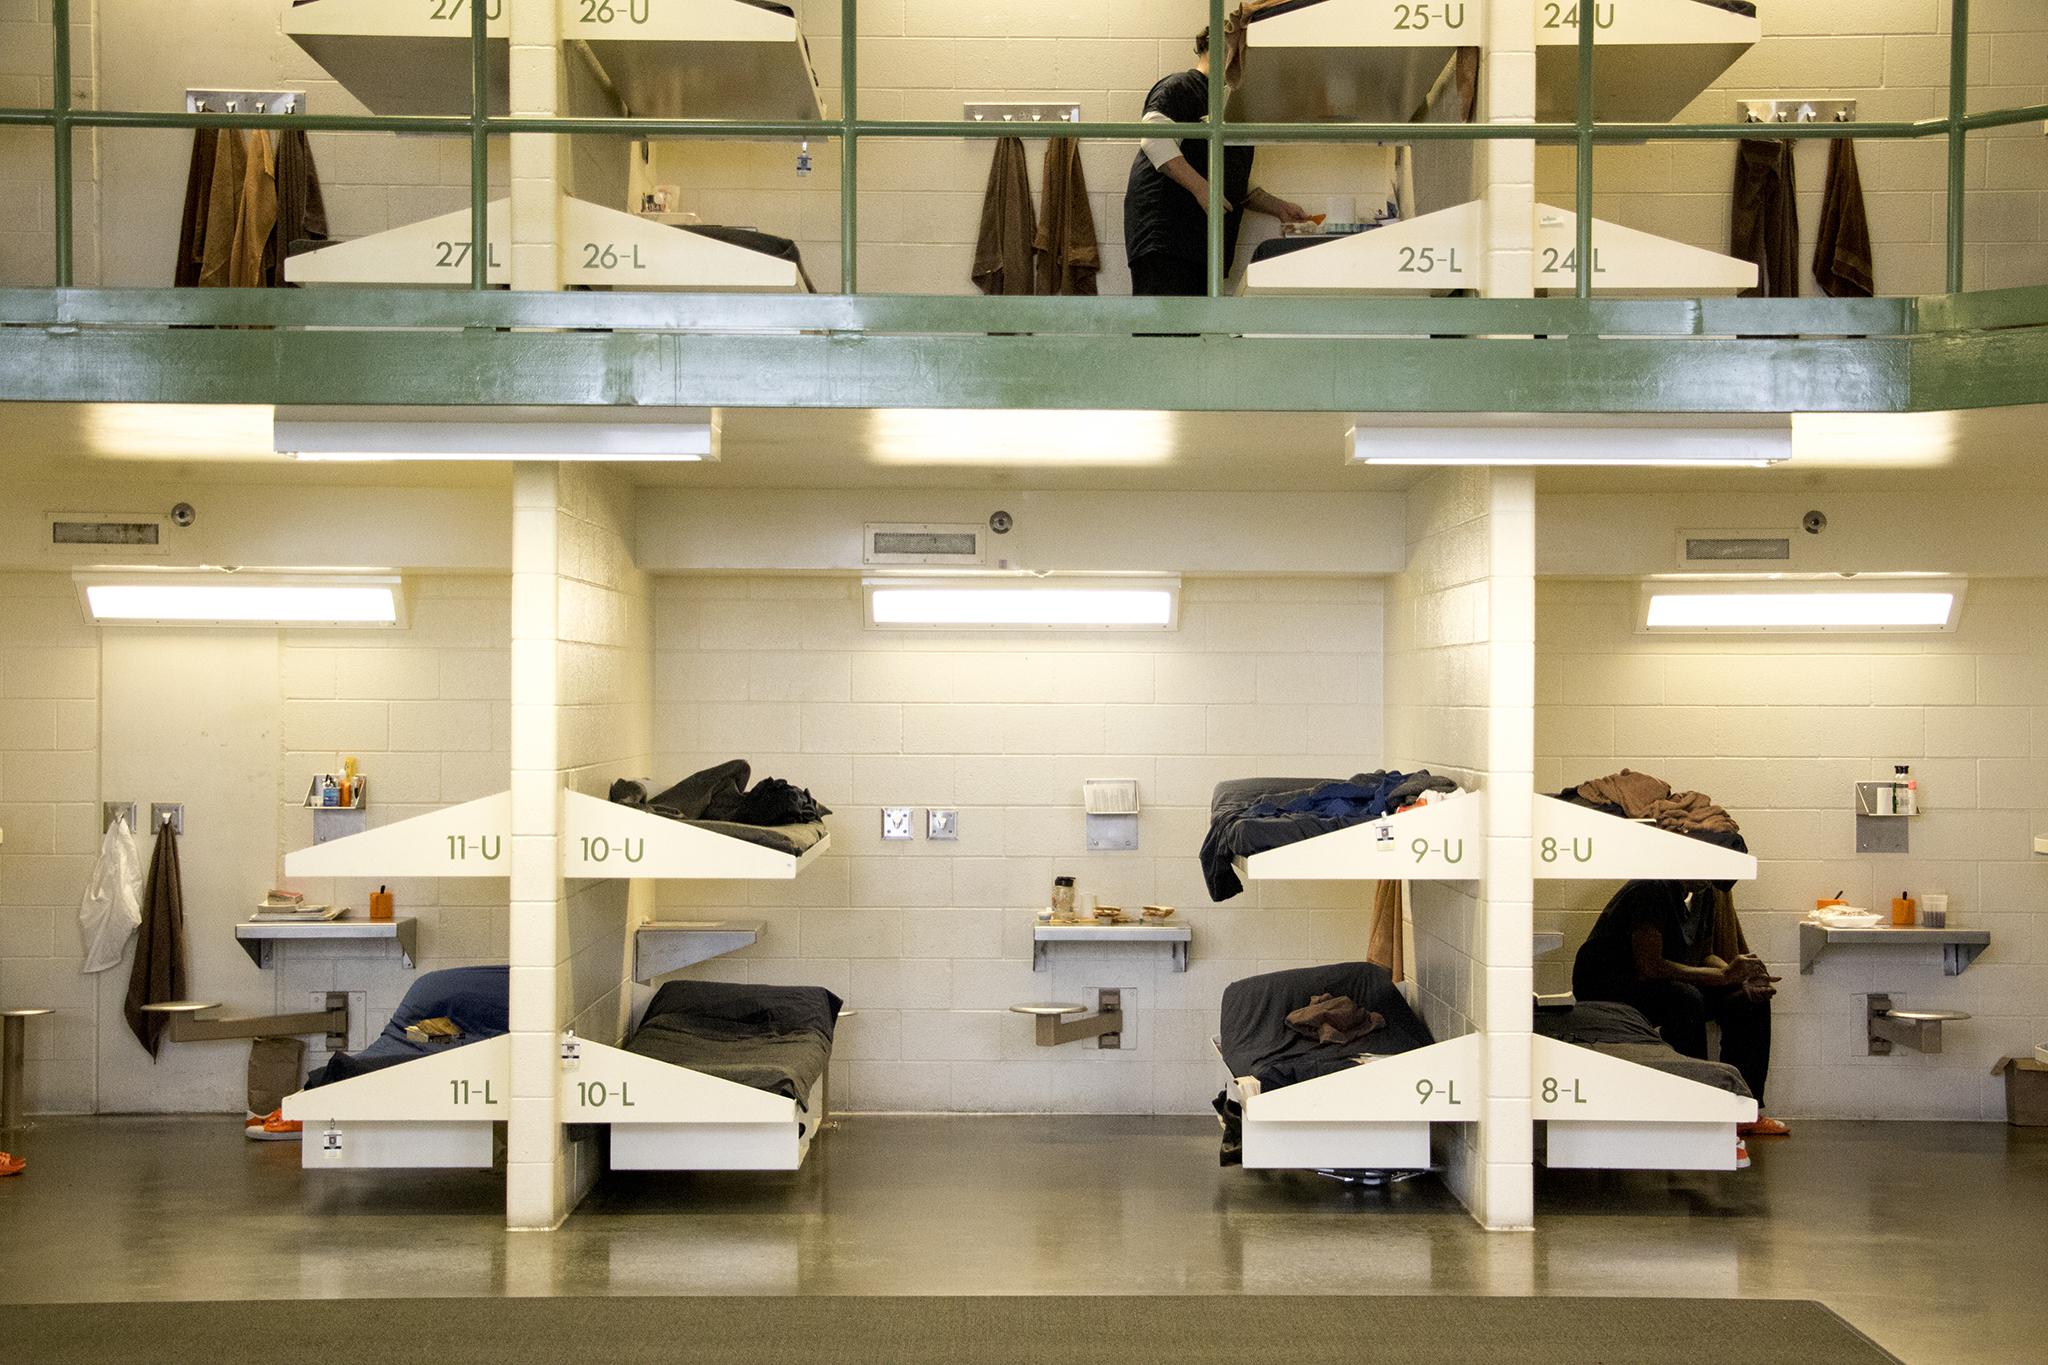 Inside Denver's downtown detention center,Oct. 11, 2018.